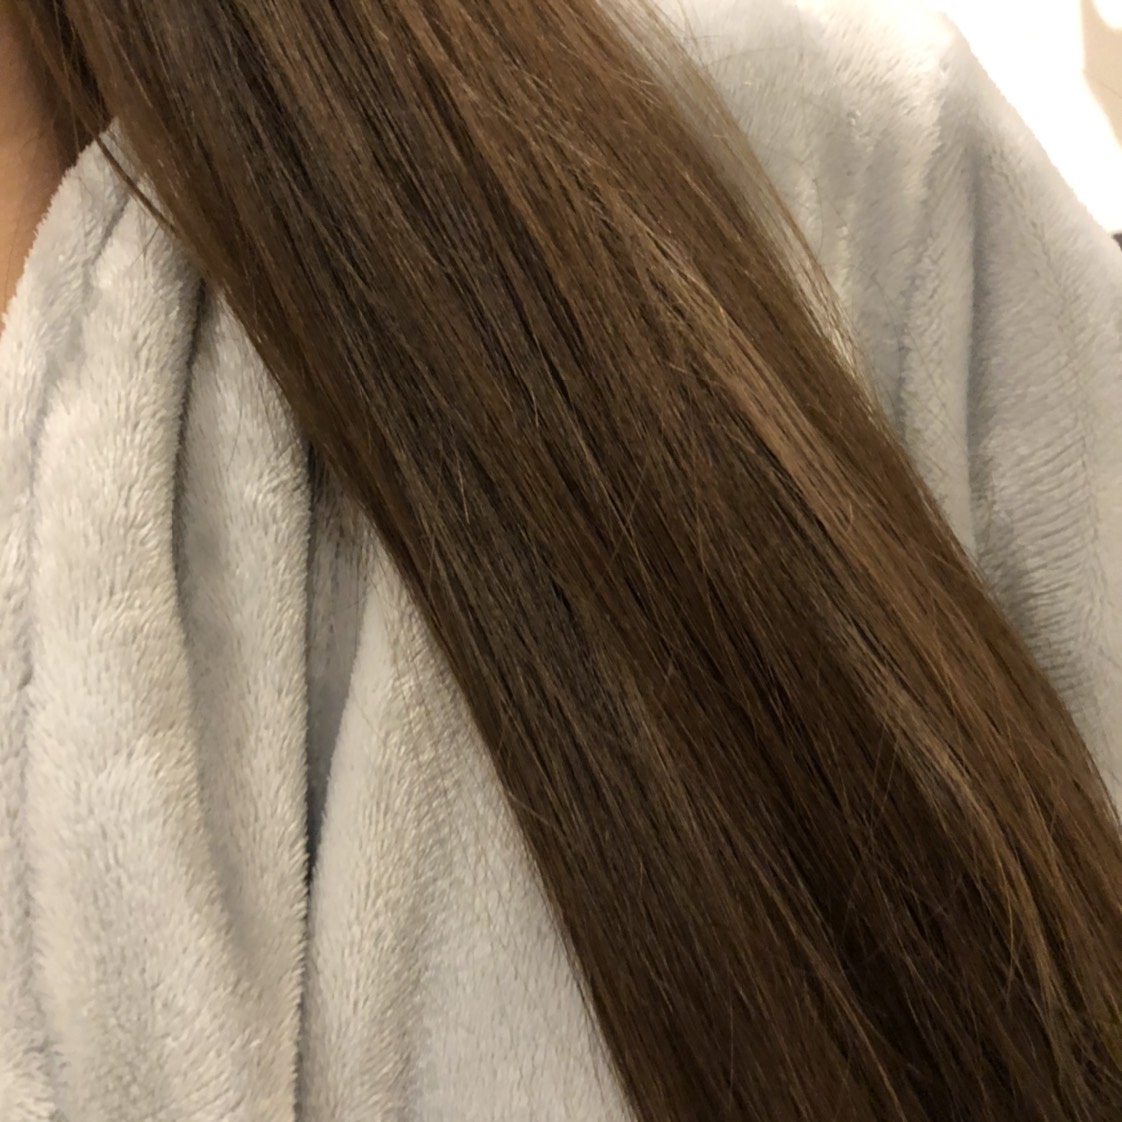 髪にツヤが出て、まとまりやすくなるのでお気に入り♡